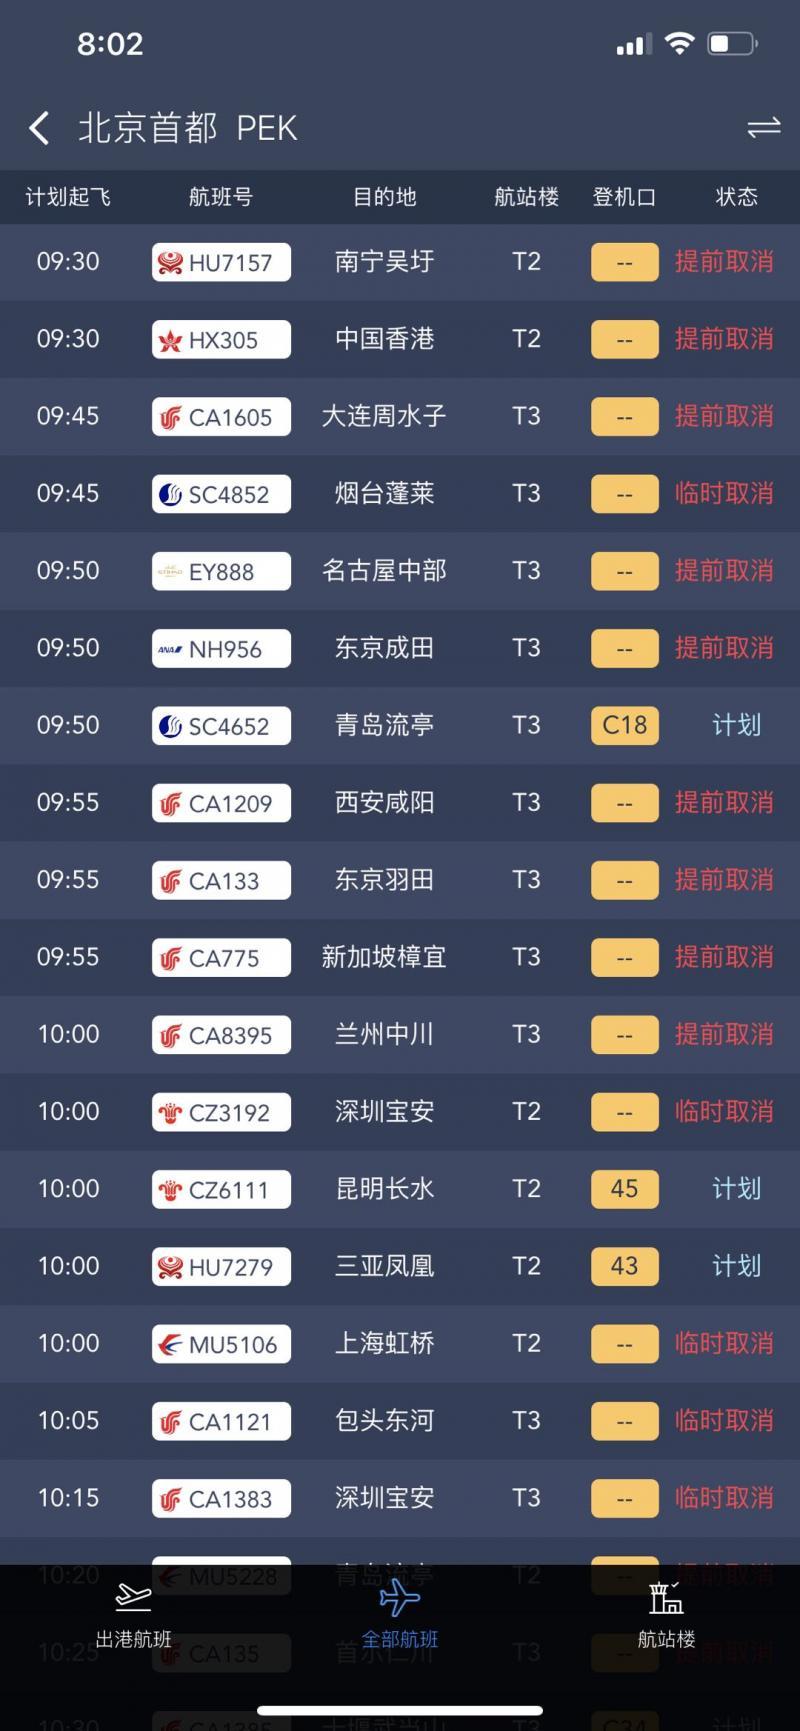 【sem顾问】_最新!北京两机场共取消航班达1255架次